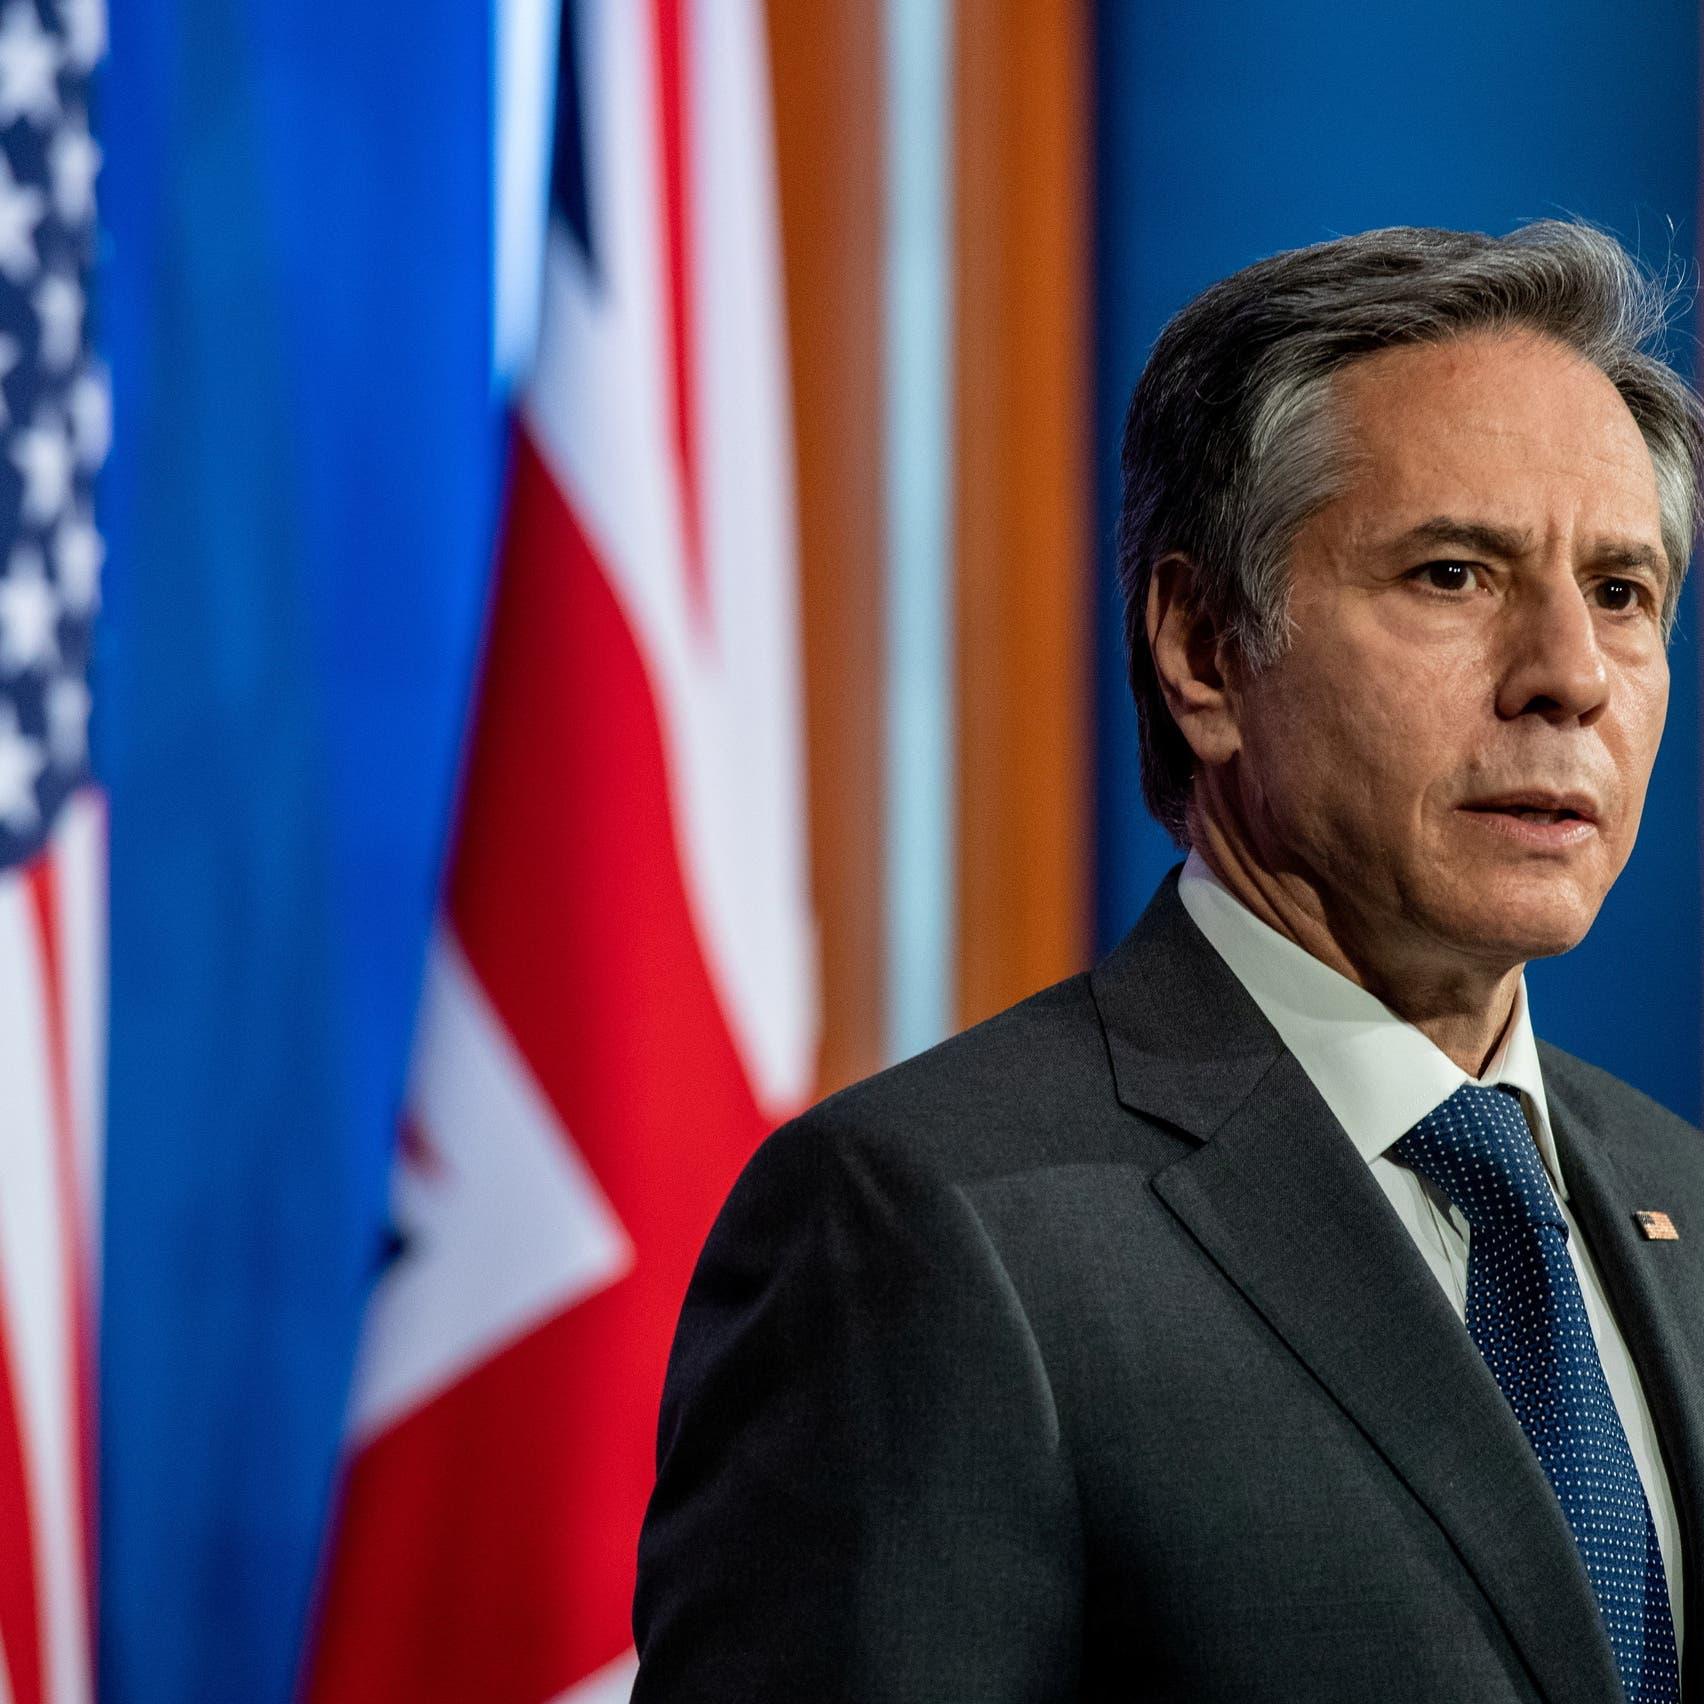 وزير الخارجية الأميركي: العقوبات الأميركية التي لا تتعلق بالنووي باقية على إيران